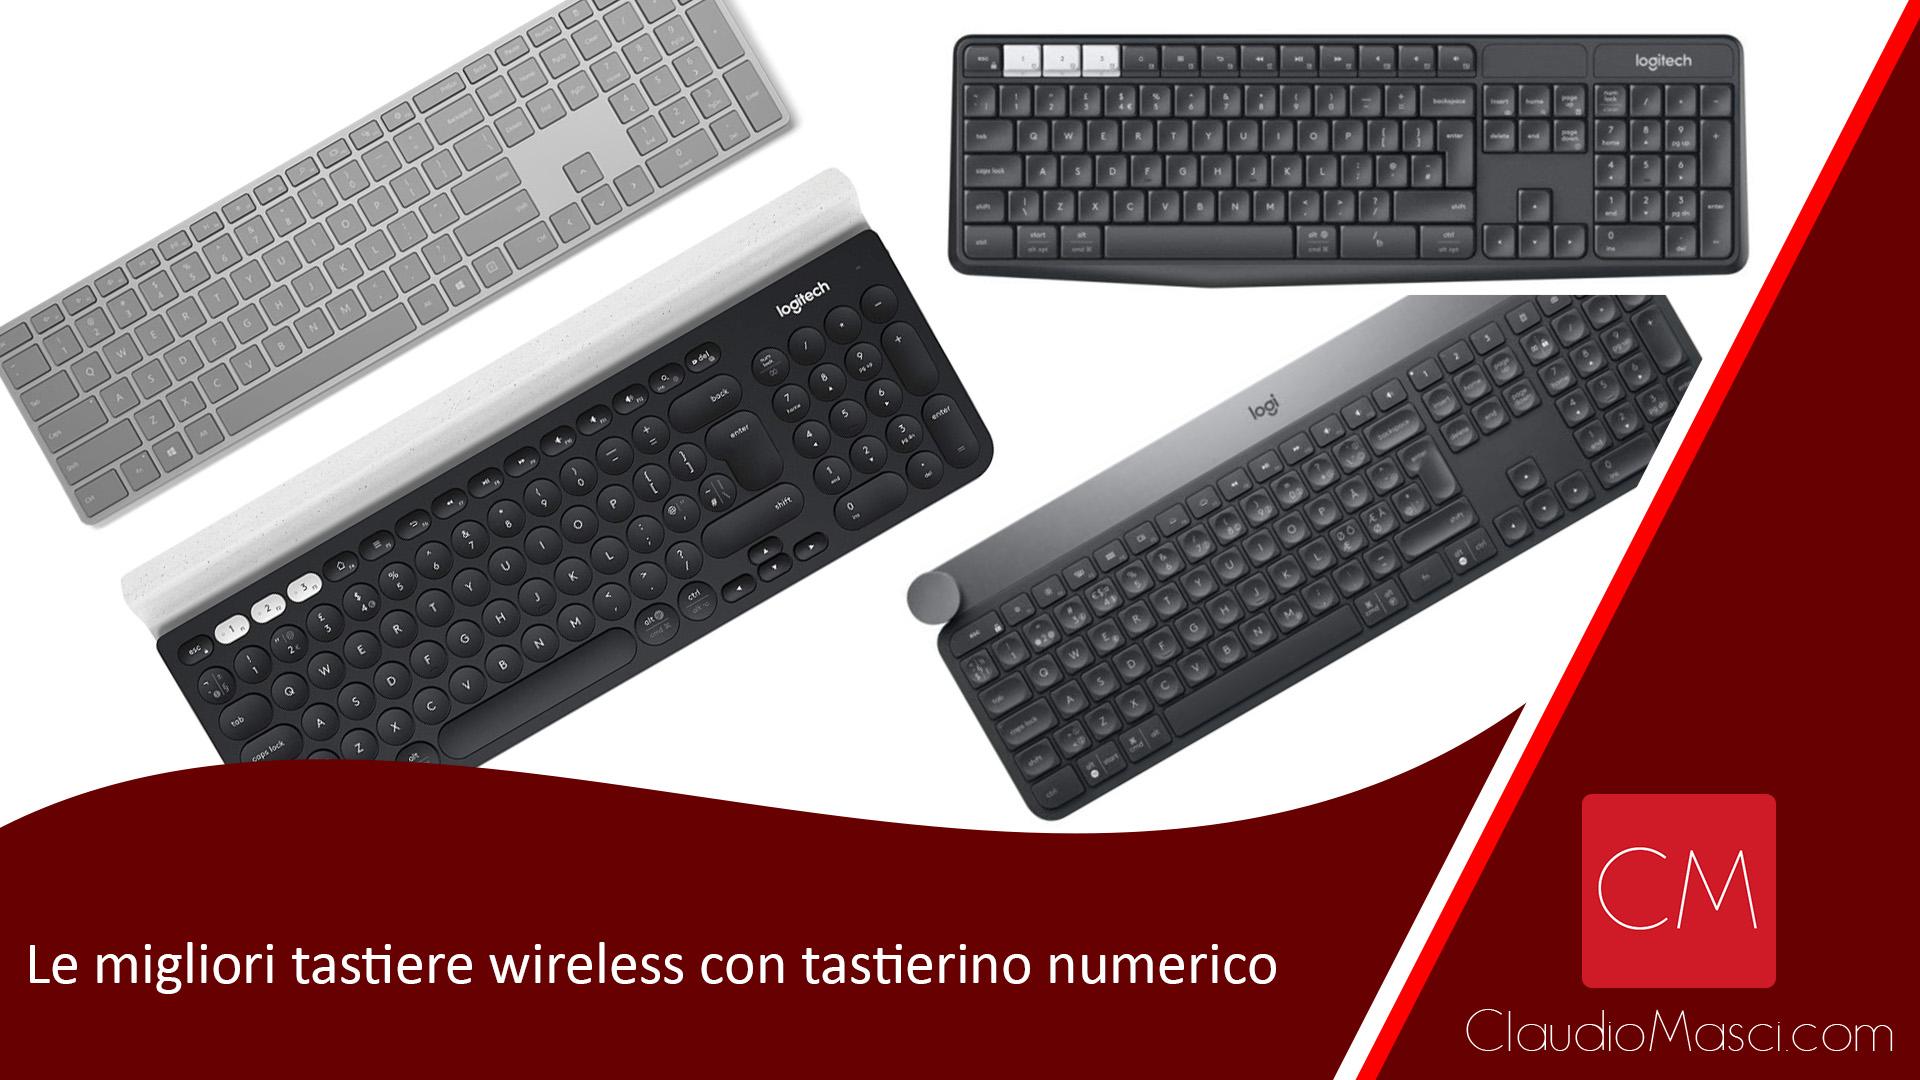 Le migliori tastiere wireless con tastierino numerico per PC